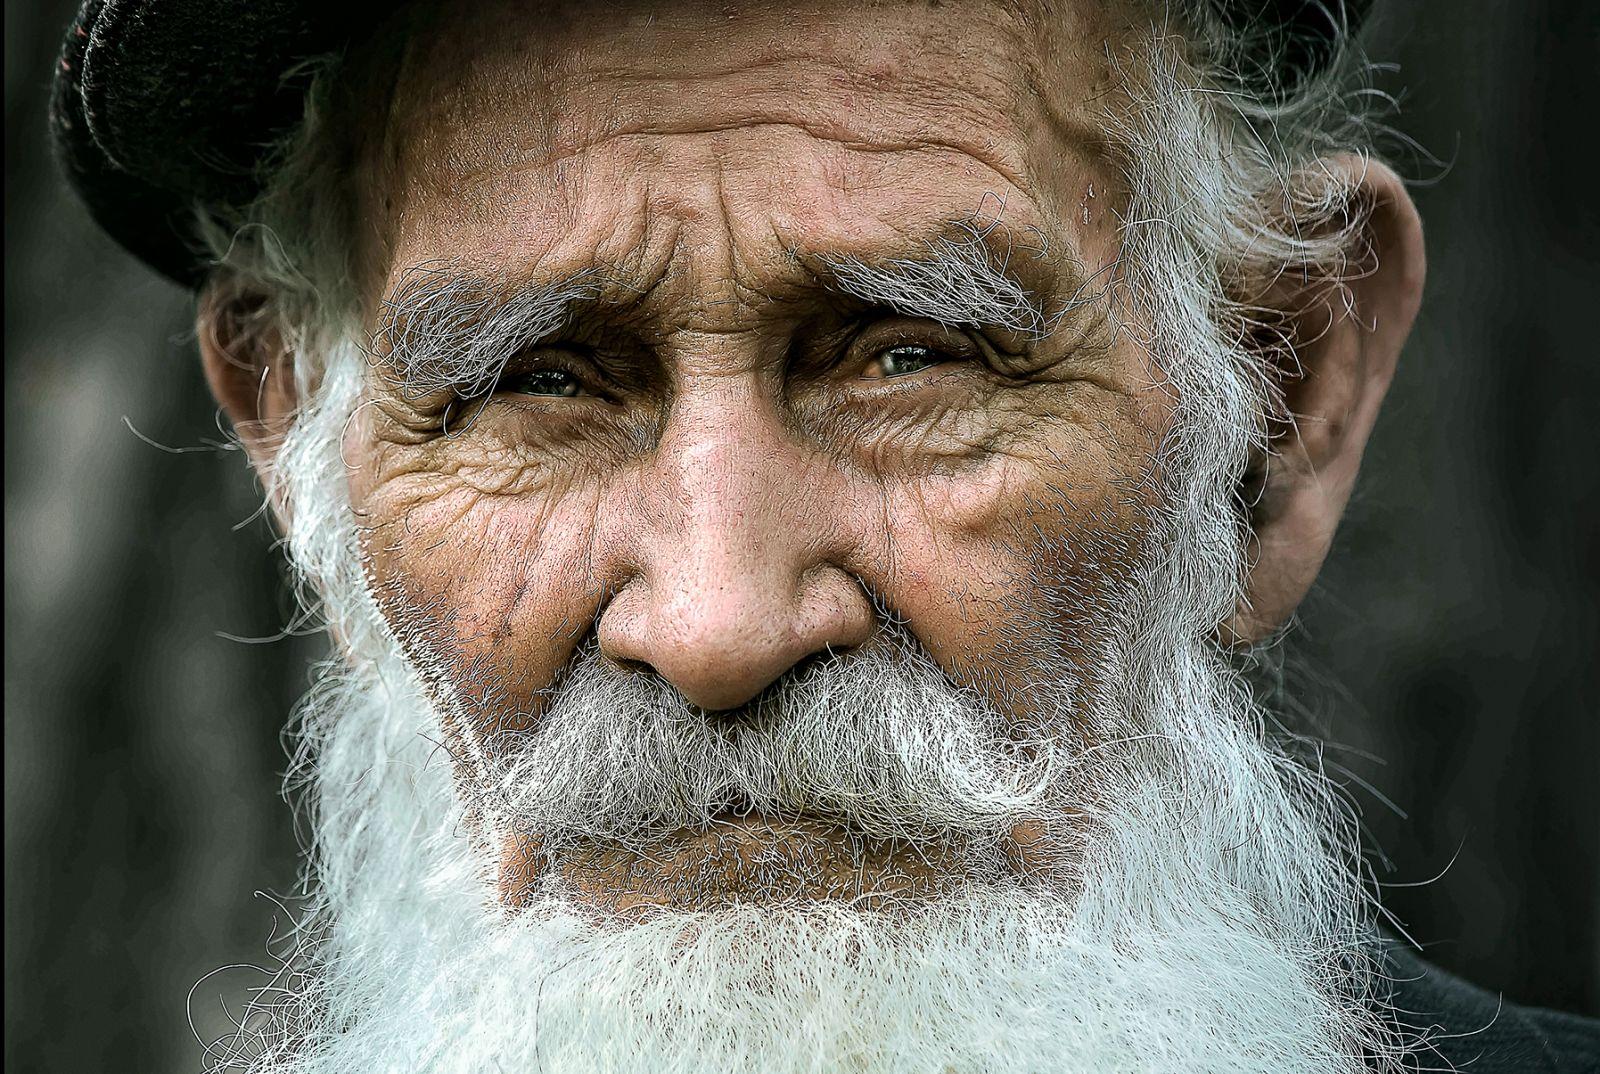 Ветеран, © Алексей Хохлачев, Финалист фотоконкурса «Самая красивая страна – 2018»